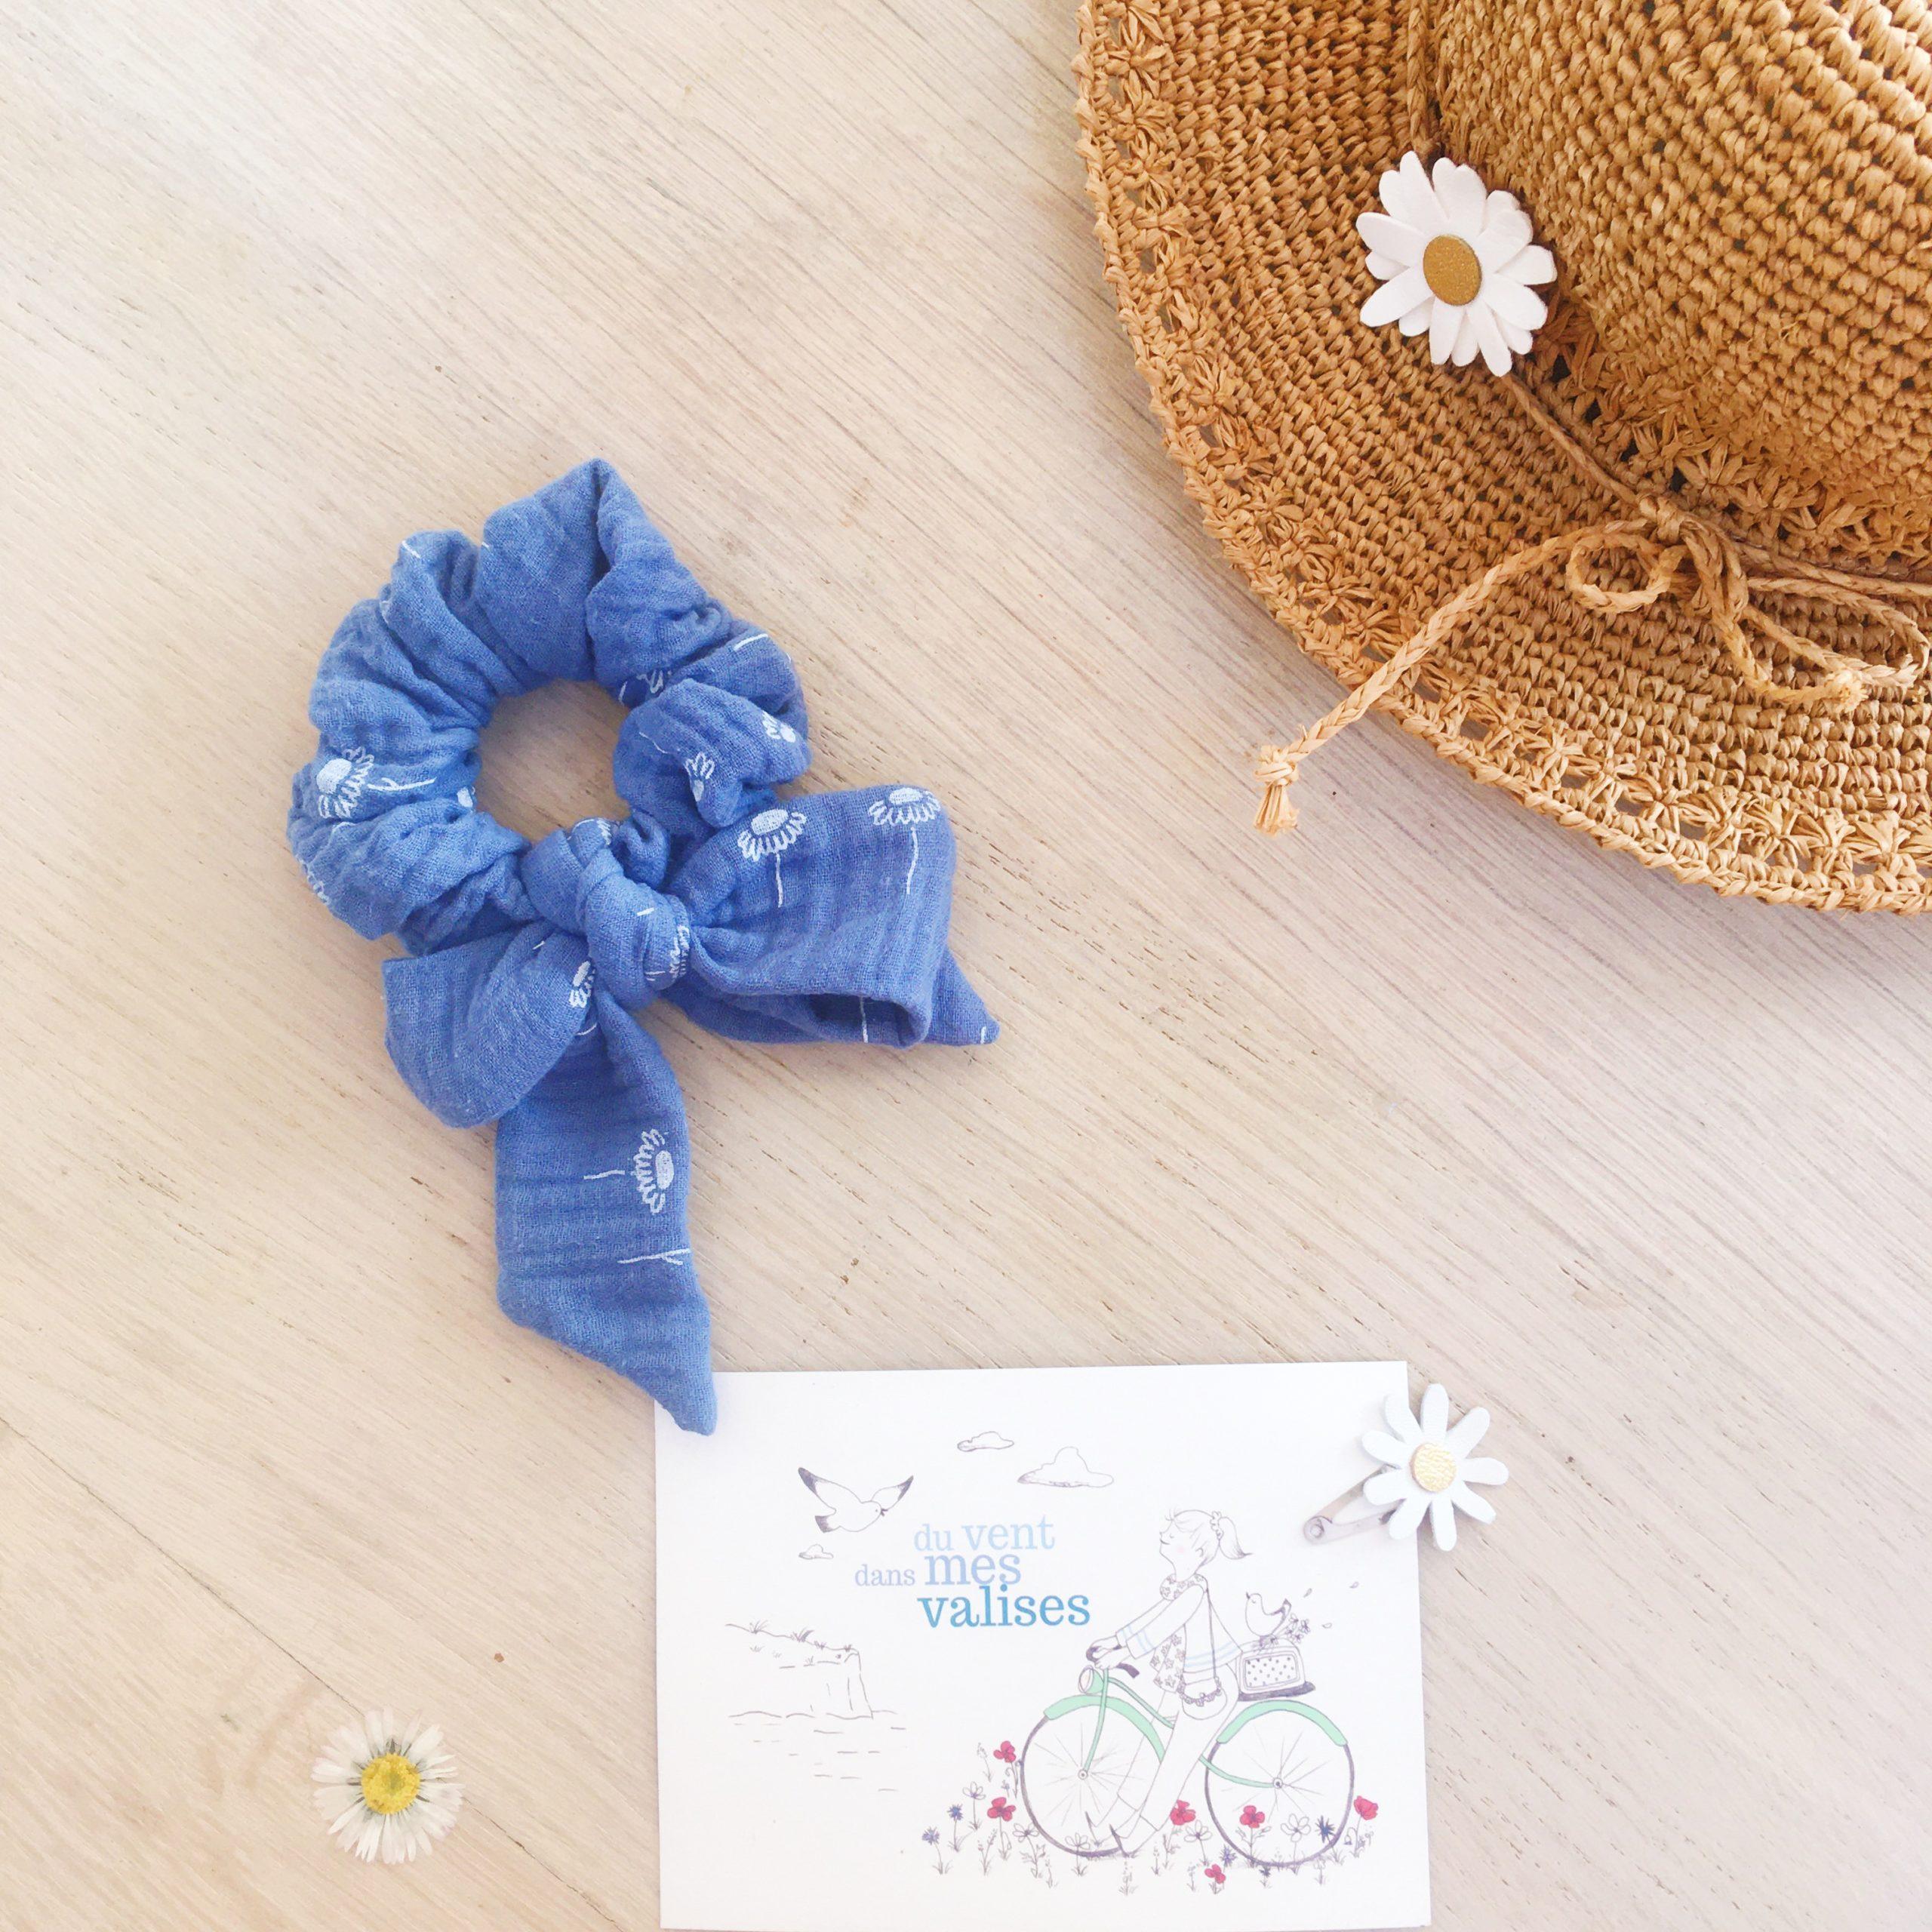 chouchou noeud foulchie chic bleu motif adorables pâquerettes fabrication artisanale française en double gaze de coton - du vent dans mes valises5